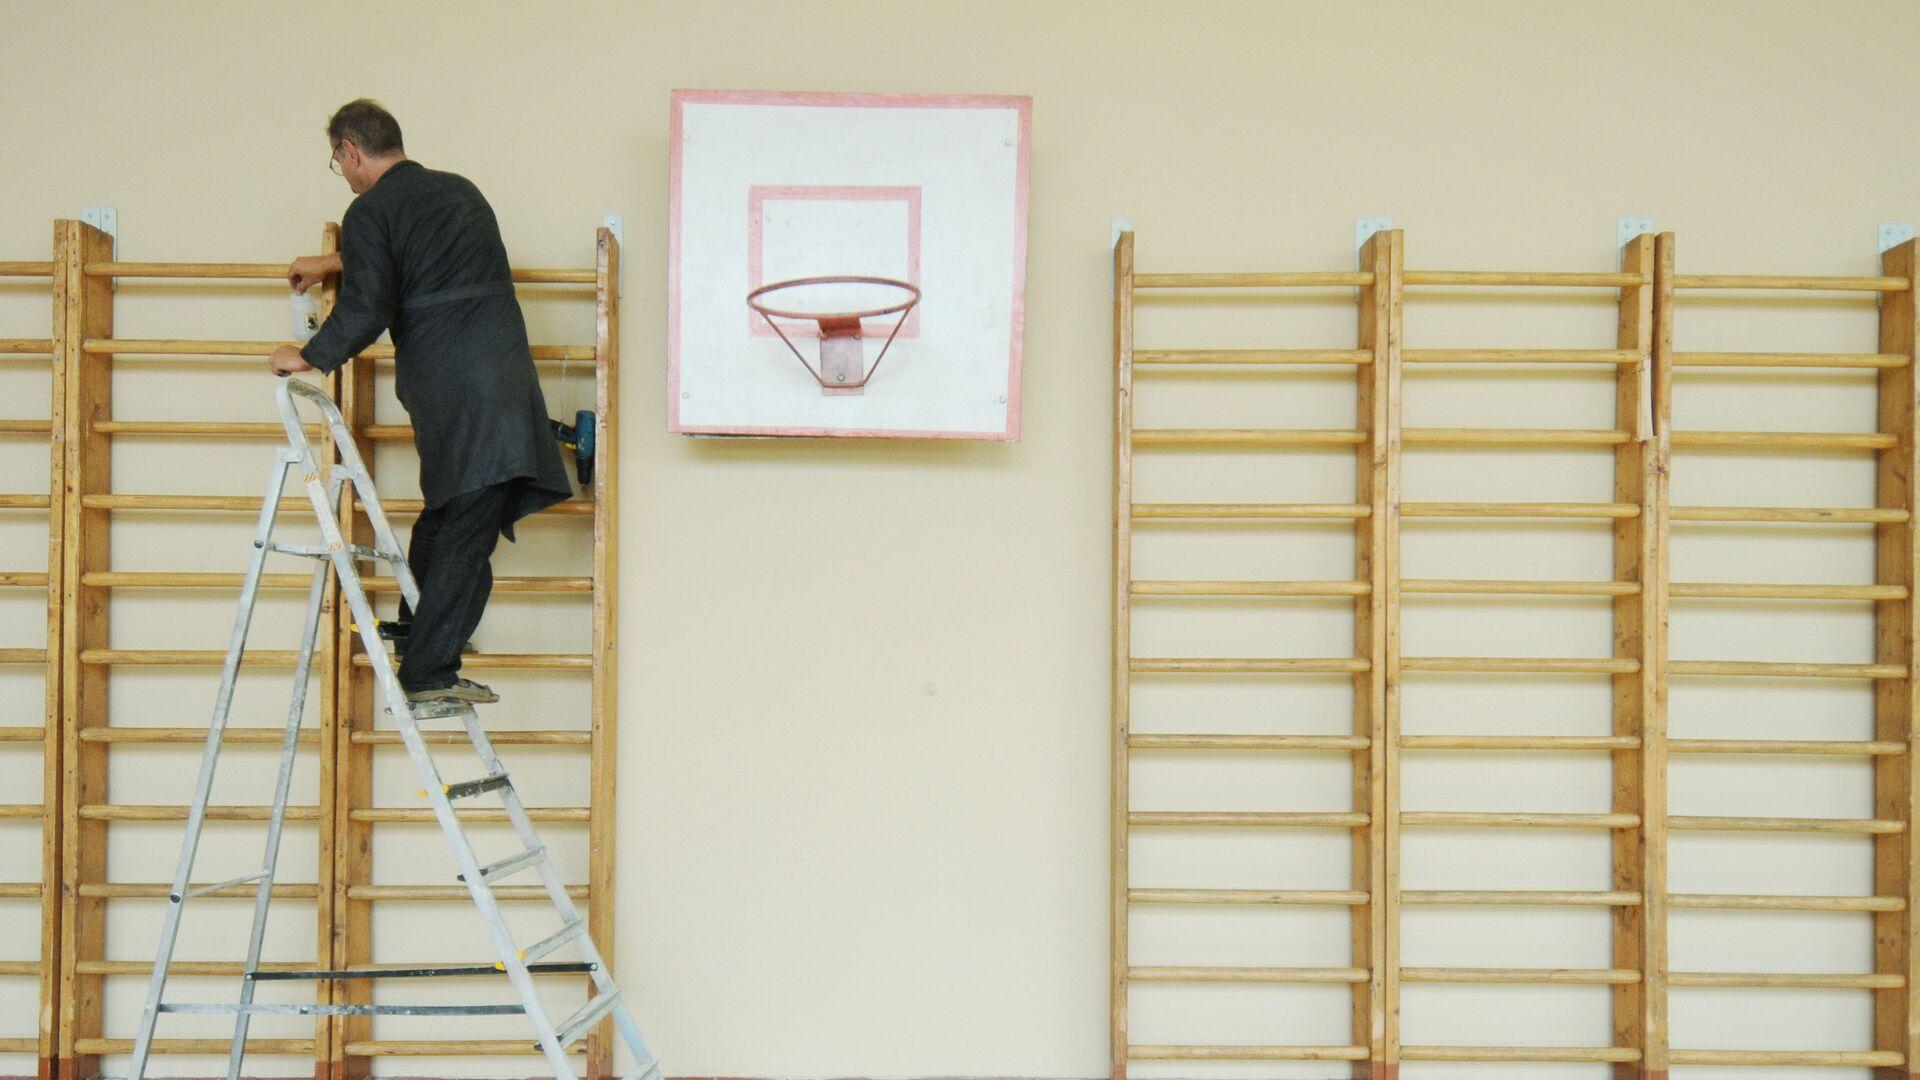 Учитель труда ремонтирует шведскую стенку в спортивном зале школы - РИА Новости, 1920, 04.08.2021